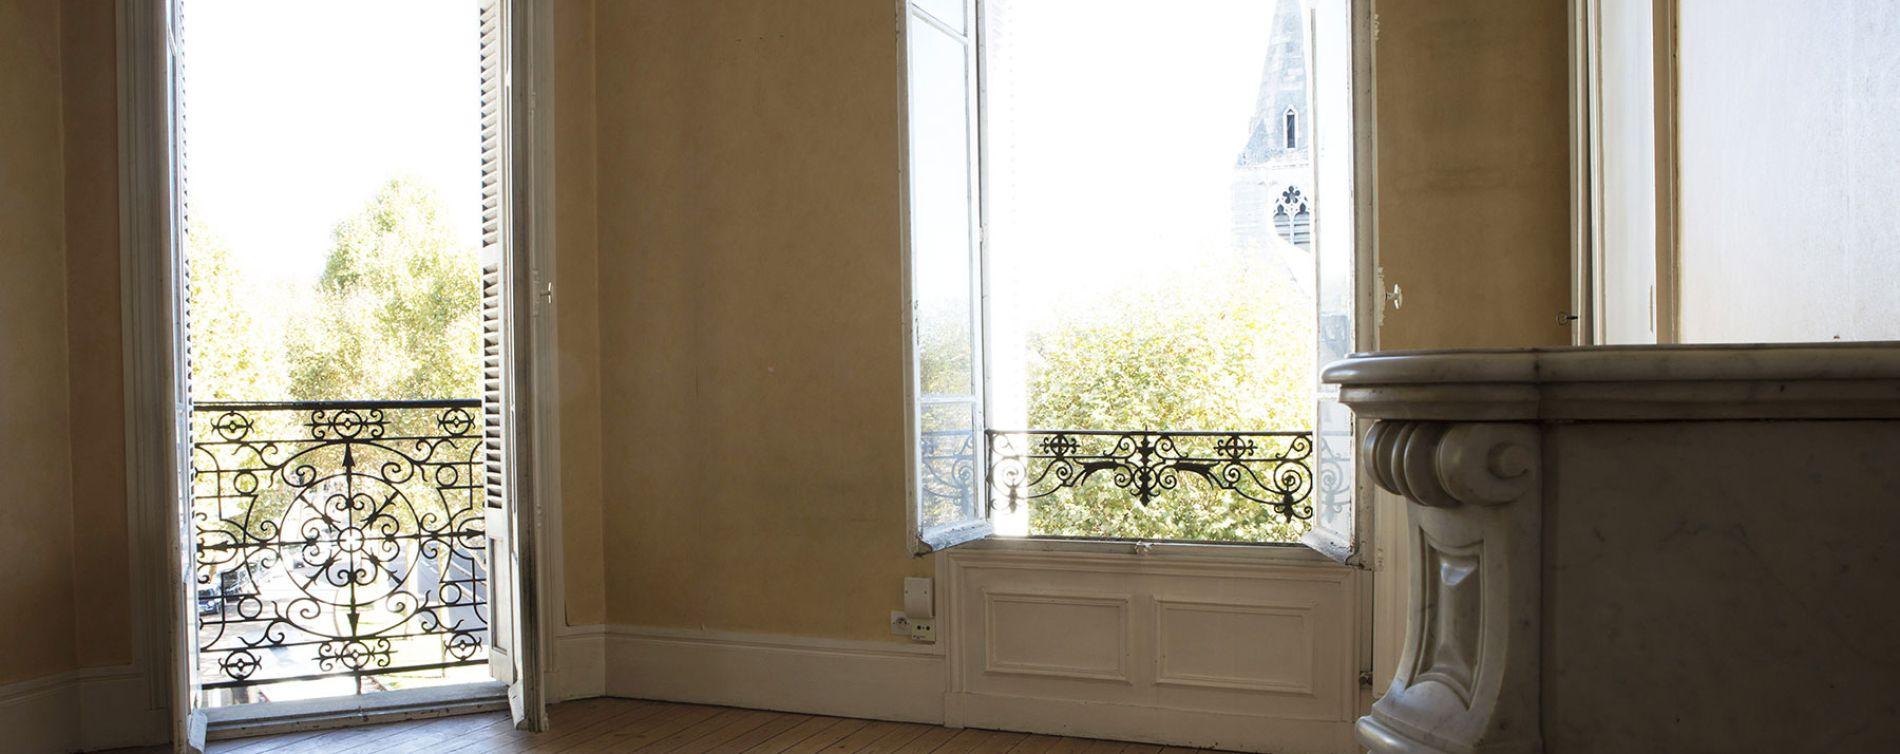 Rouen : programme immobilier à rénover « Saint-Vivien » en Loi Malraux (2)